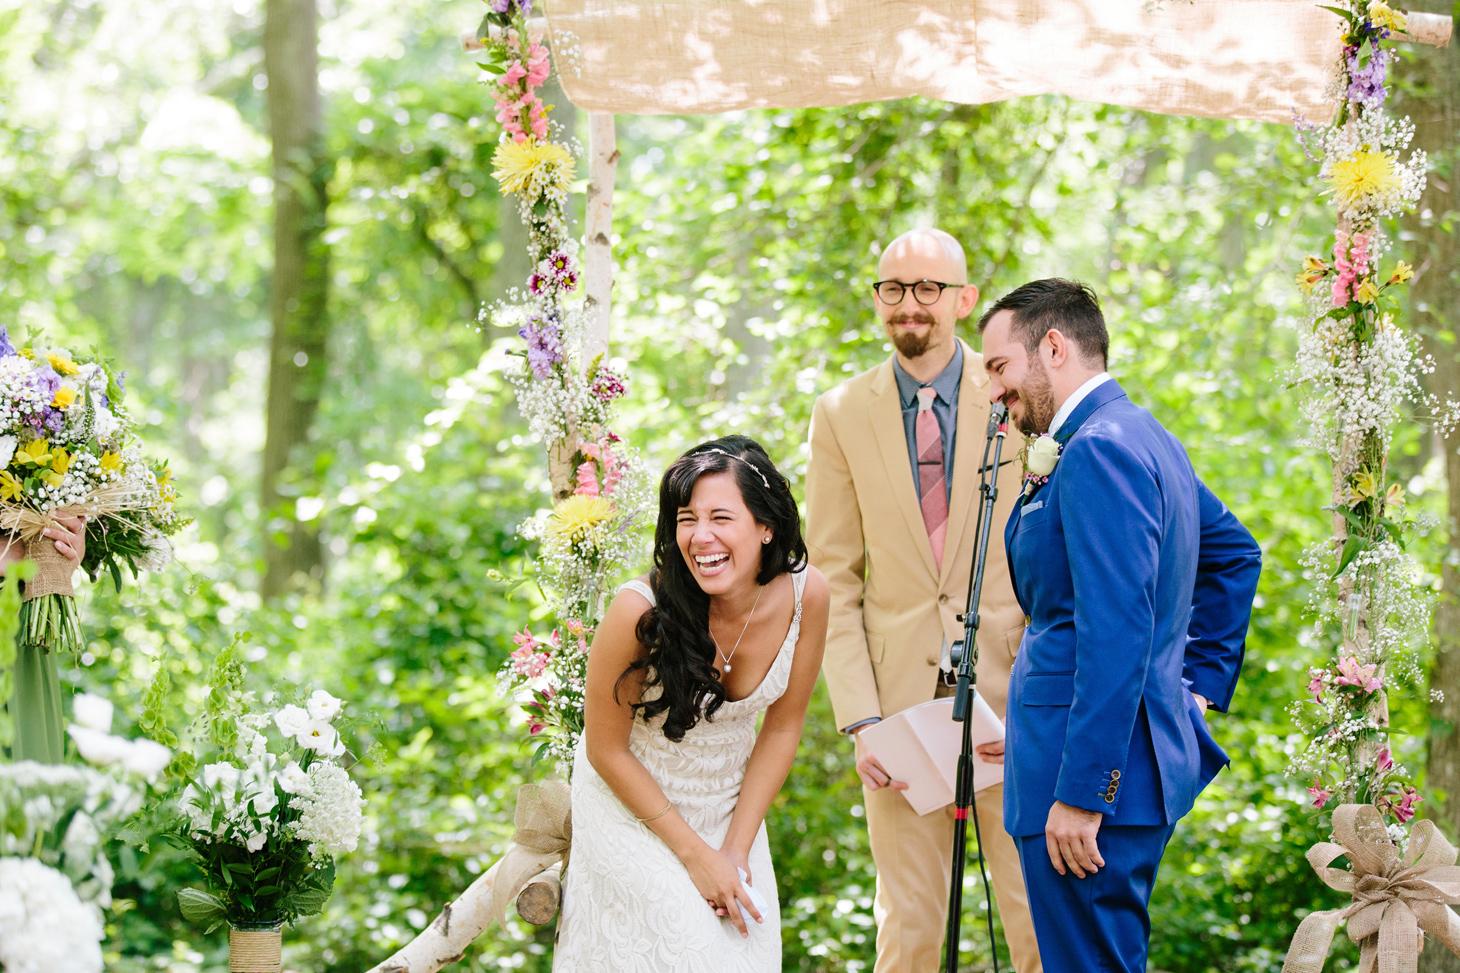 NYC-Offbeat-Wedding-Photographer